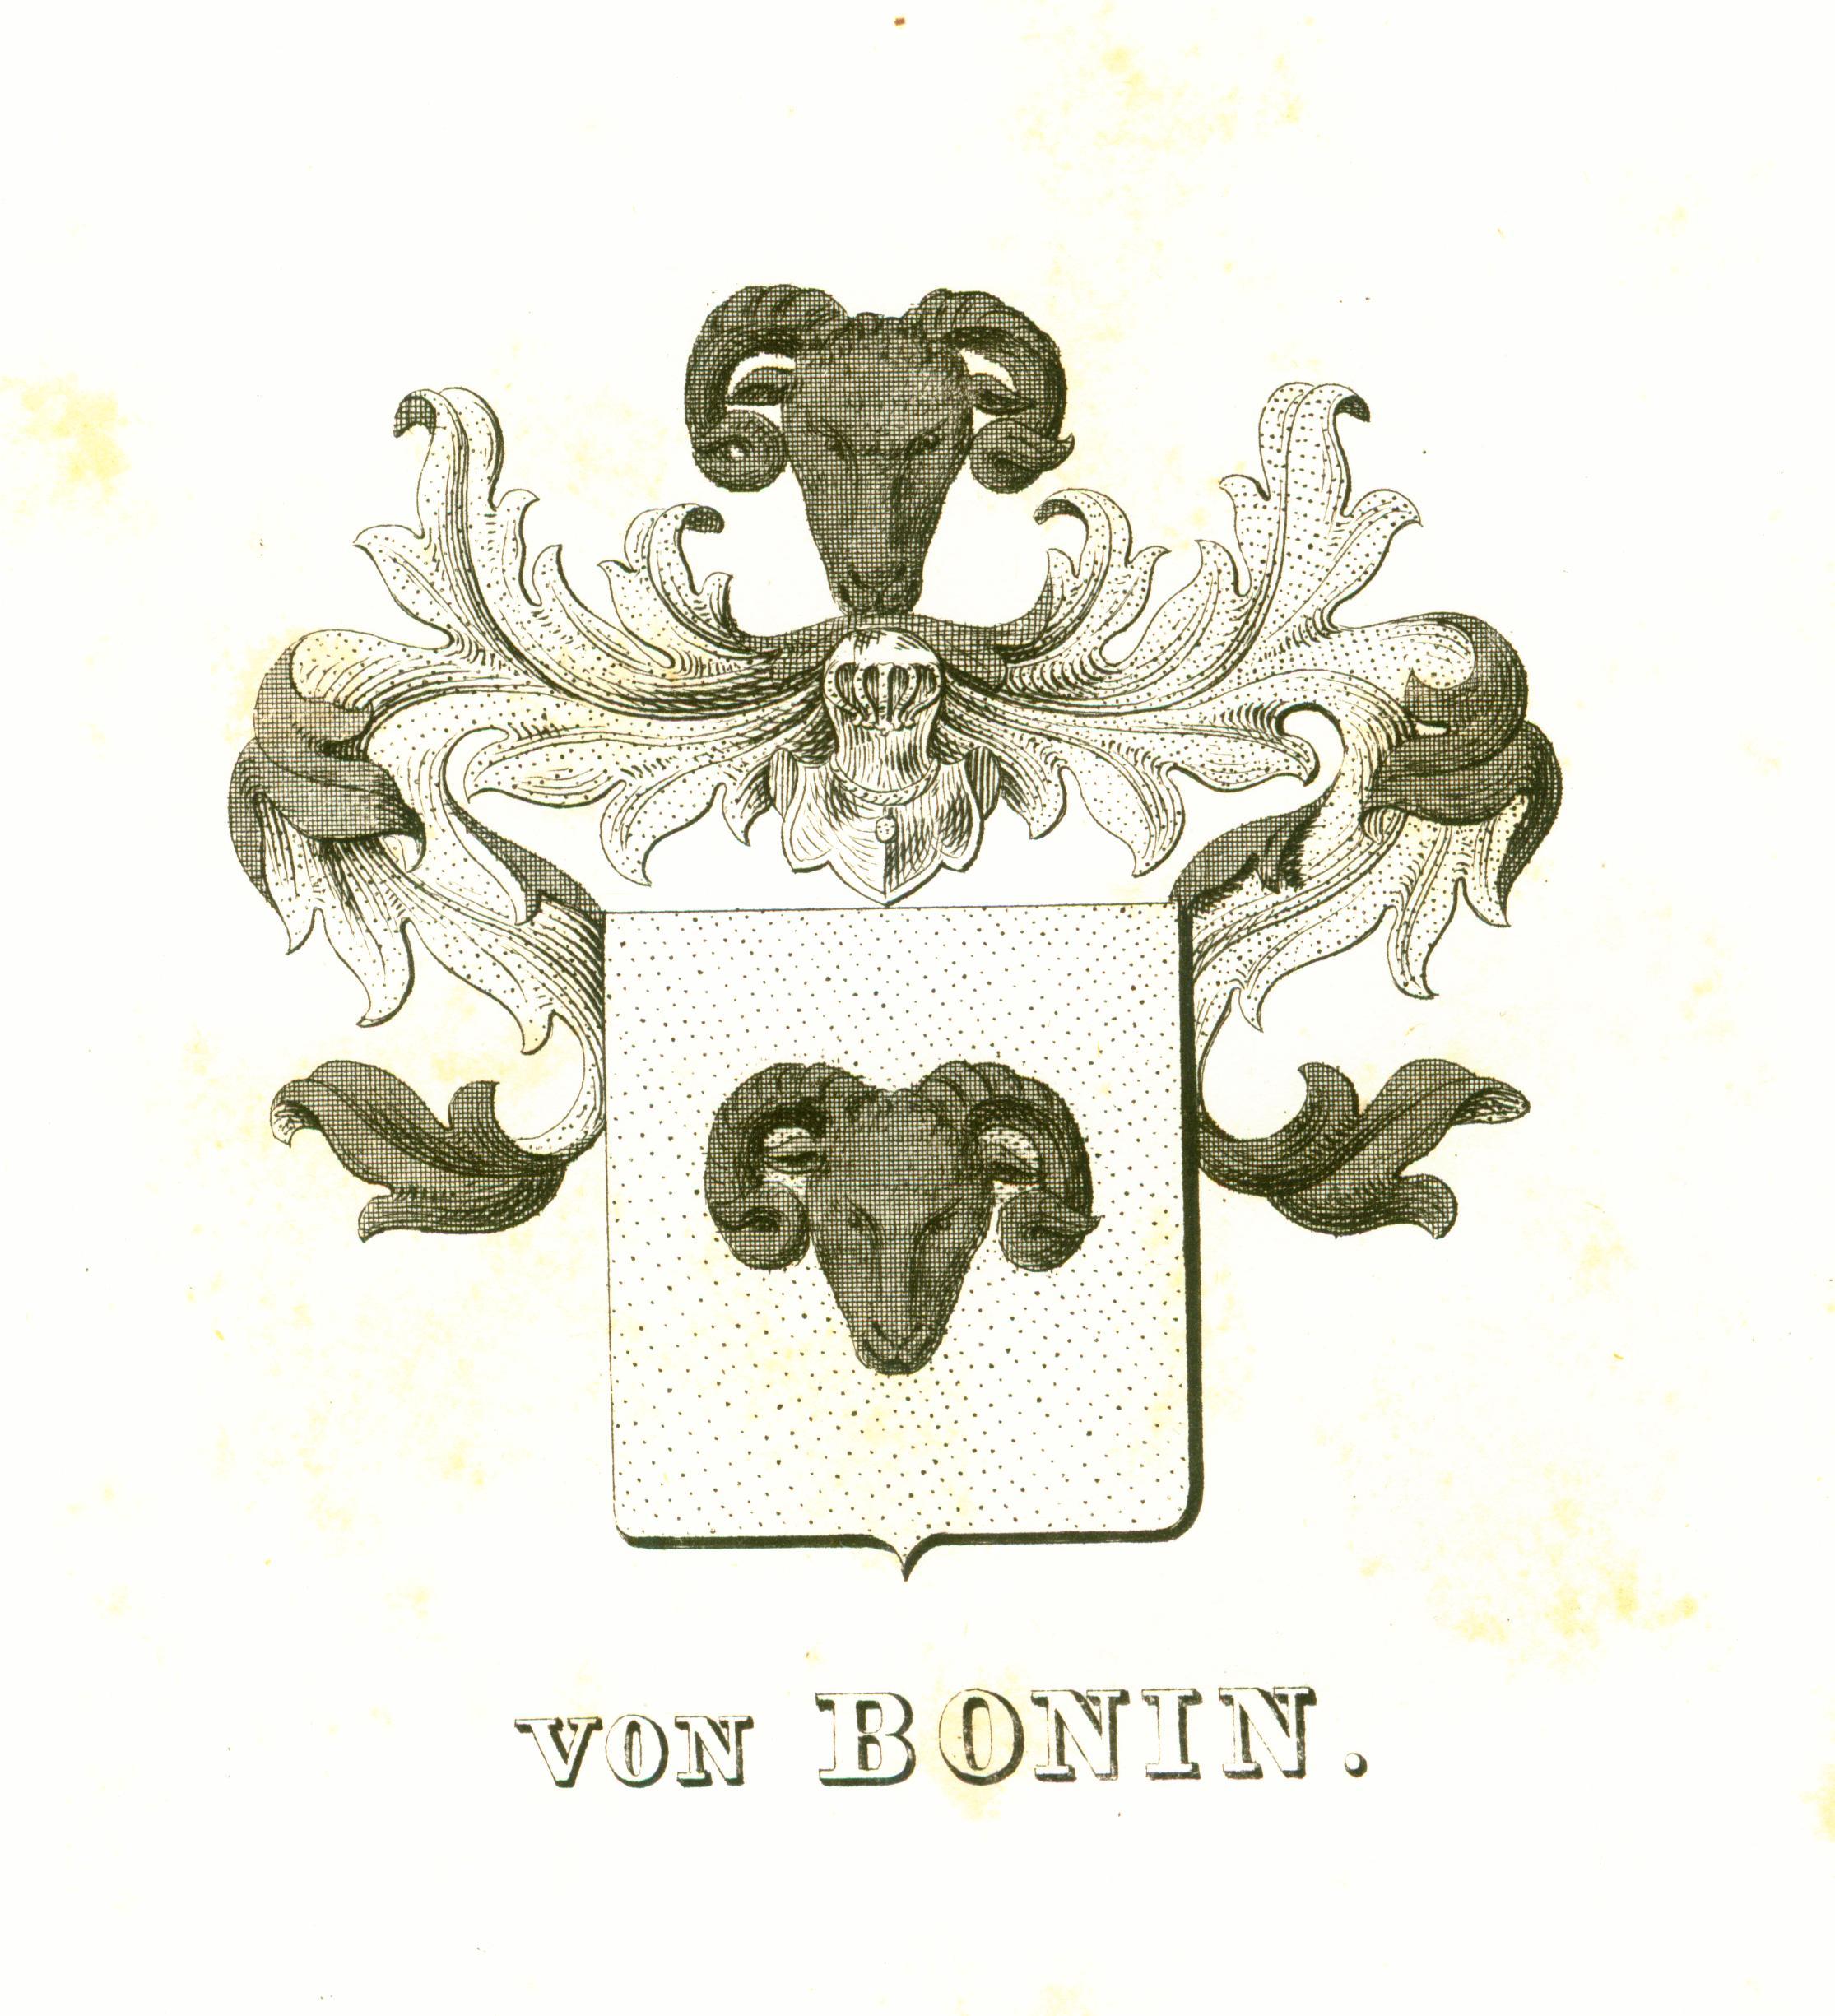 Bonin 2